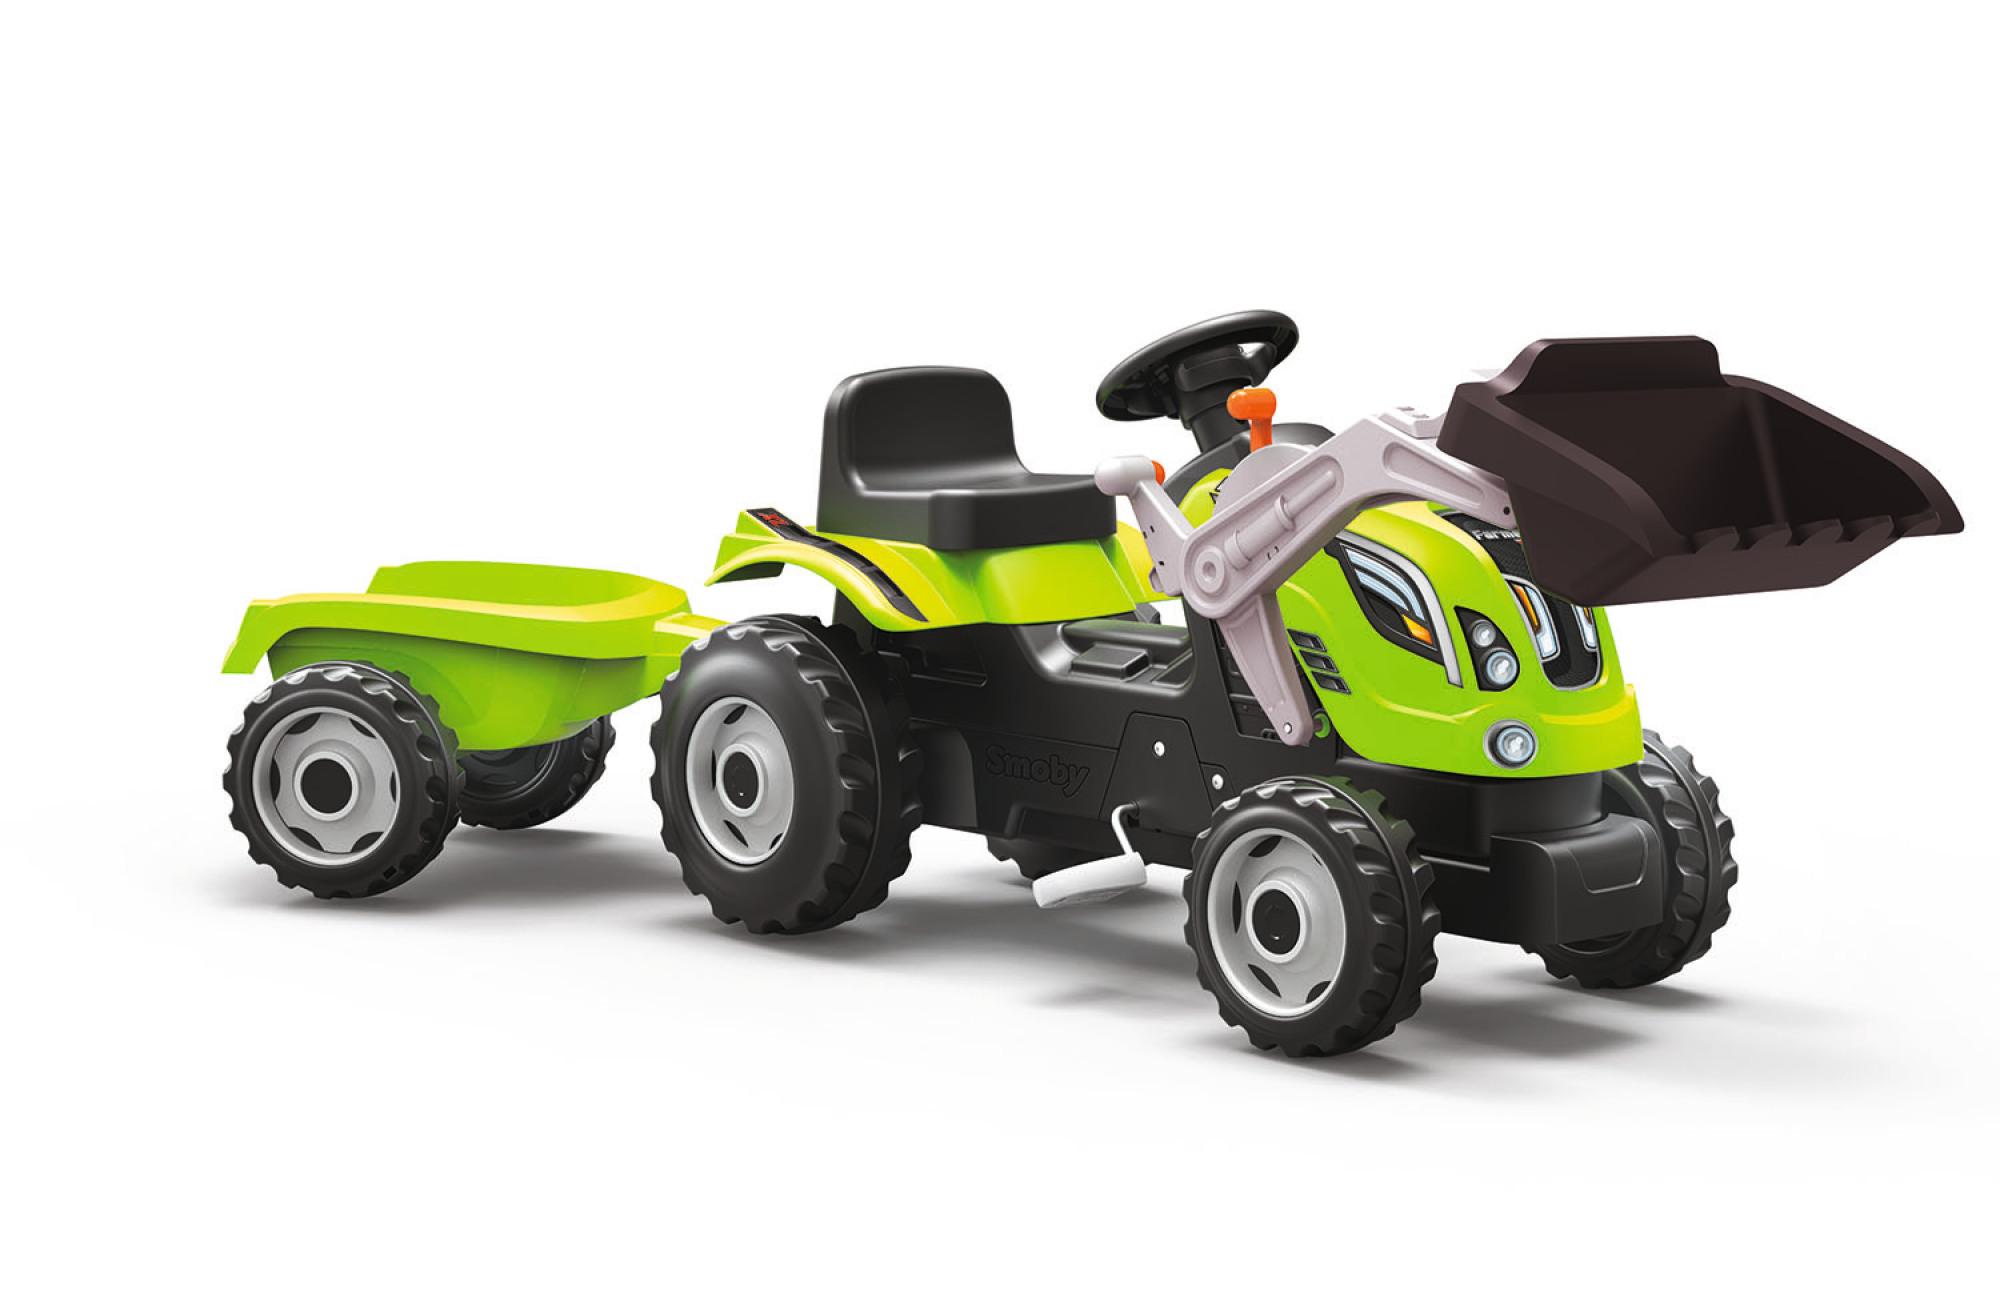 Smoby Traktor Farmer XL mit Frontschaufel